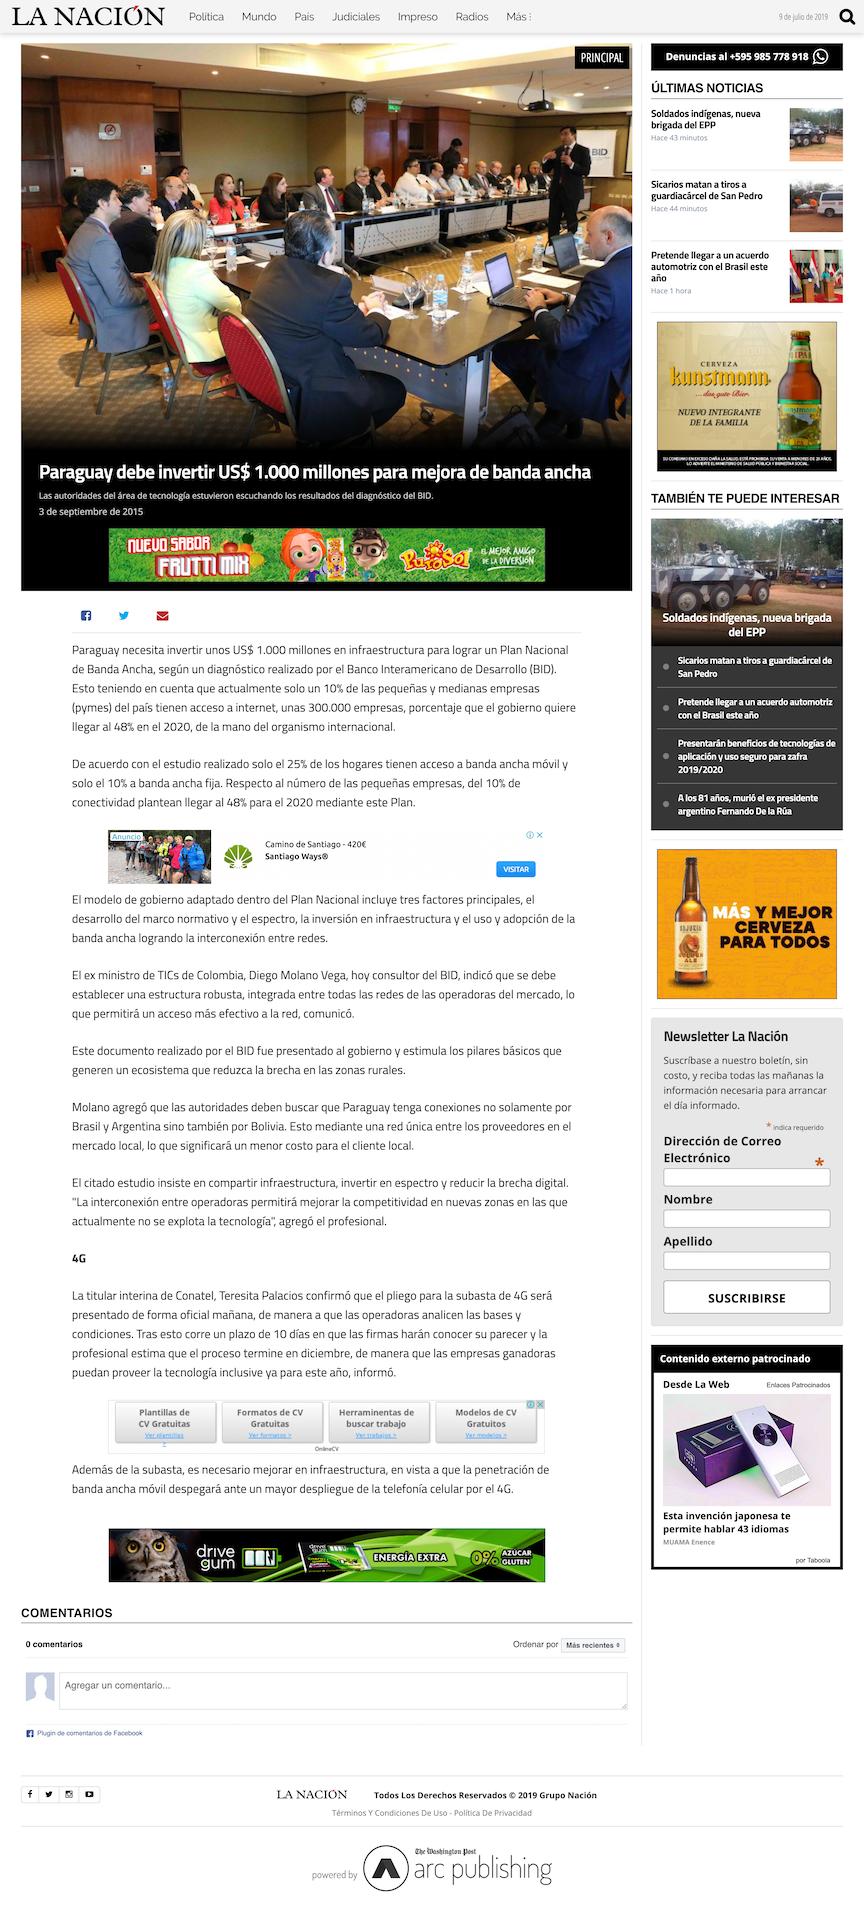 AP screencapture-lanacion-py-2015-09-03-paraguay-debe-invertir-us-1-000-millones-para-mejora-de-banda-ancha-2019-07-09-08_44_32